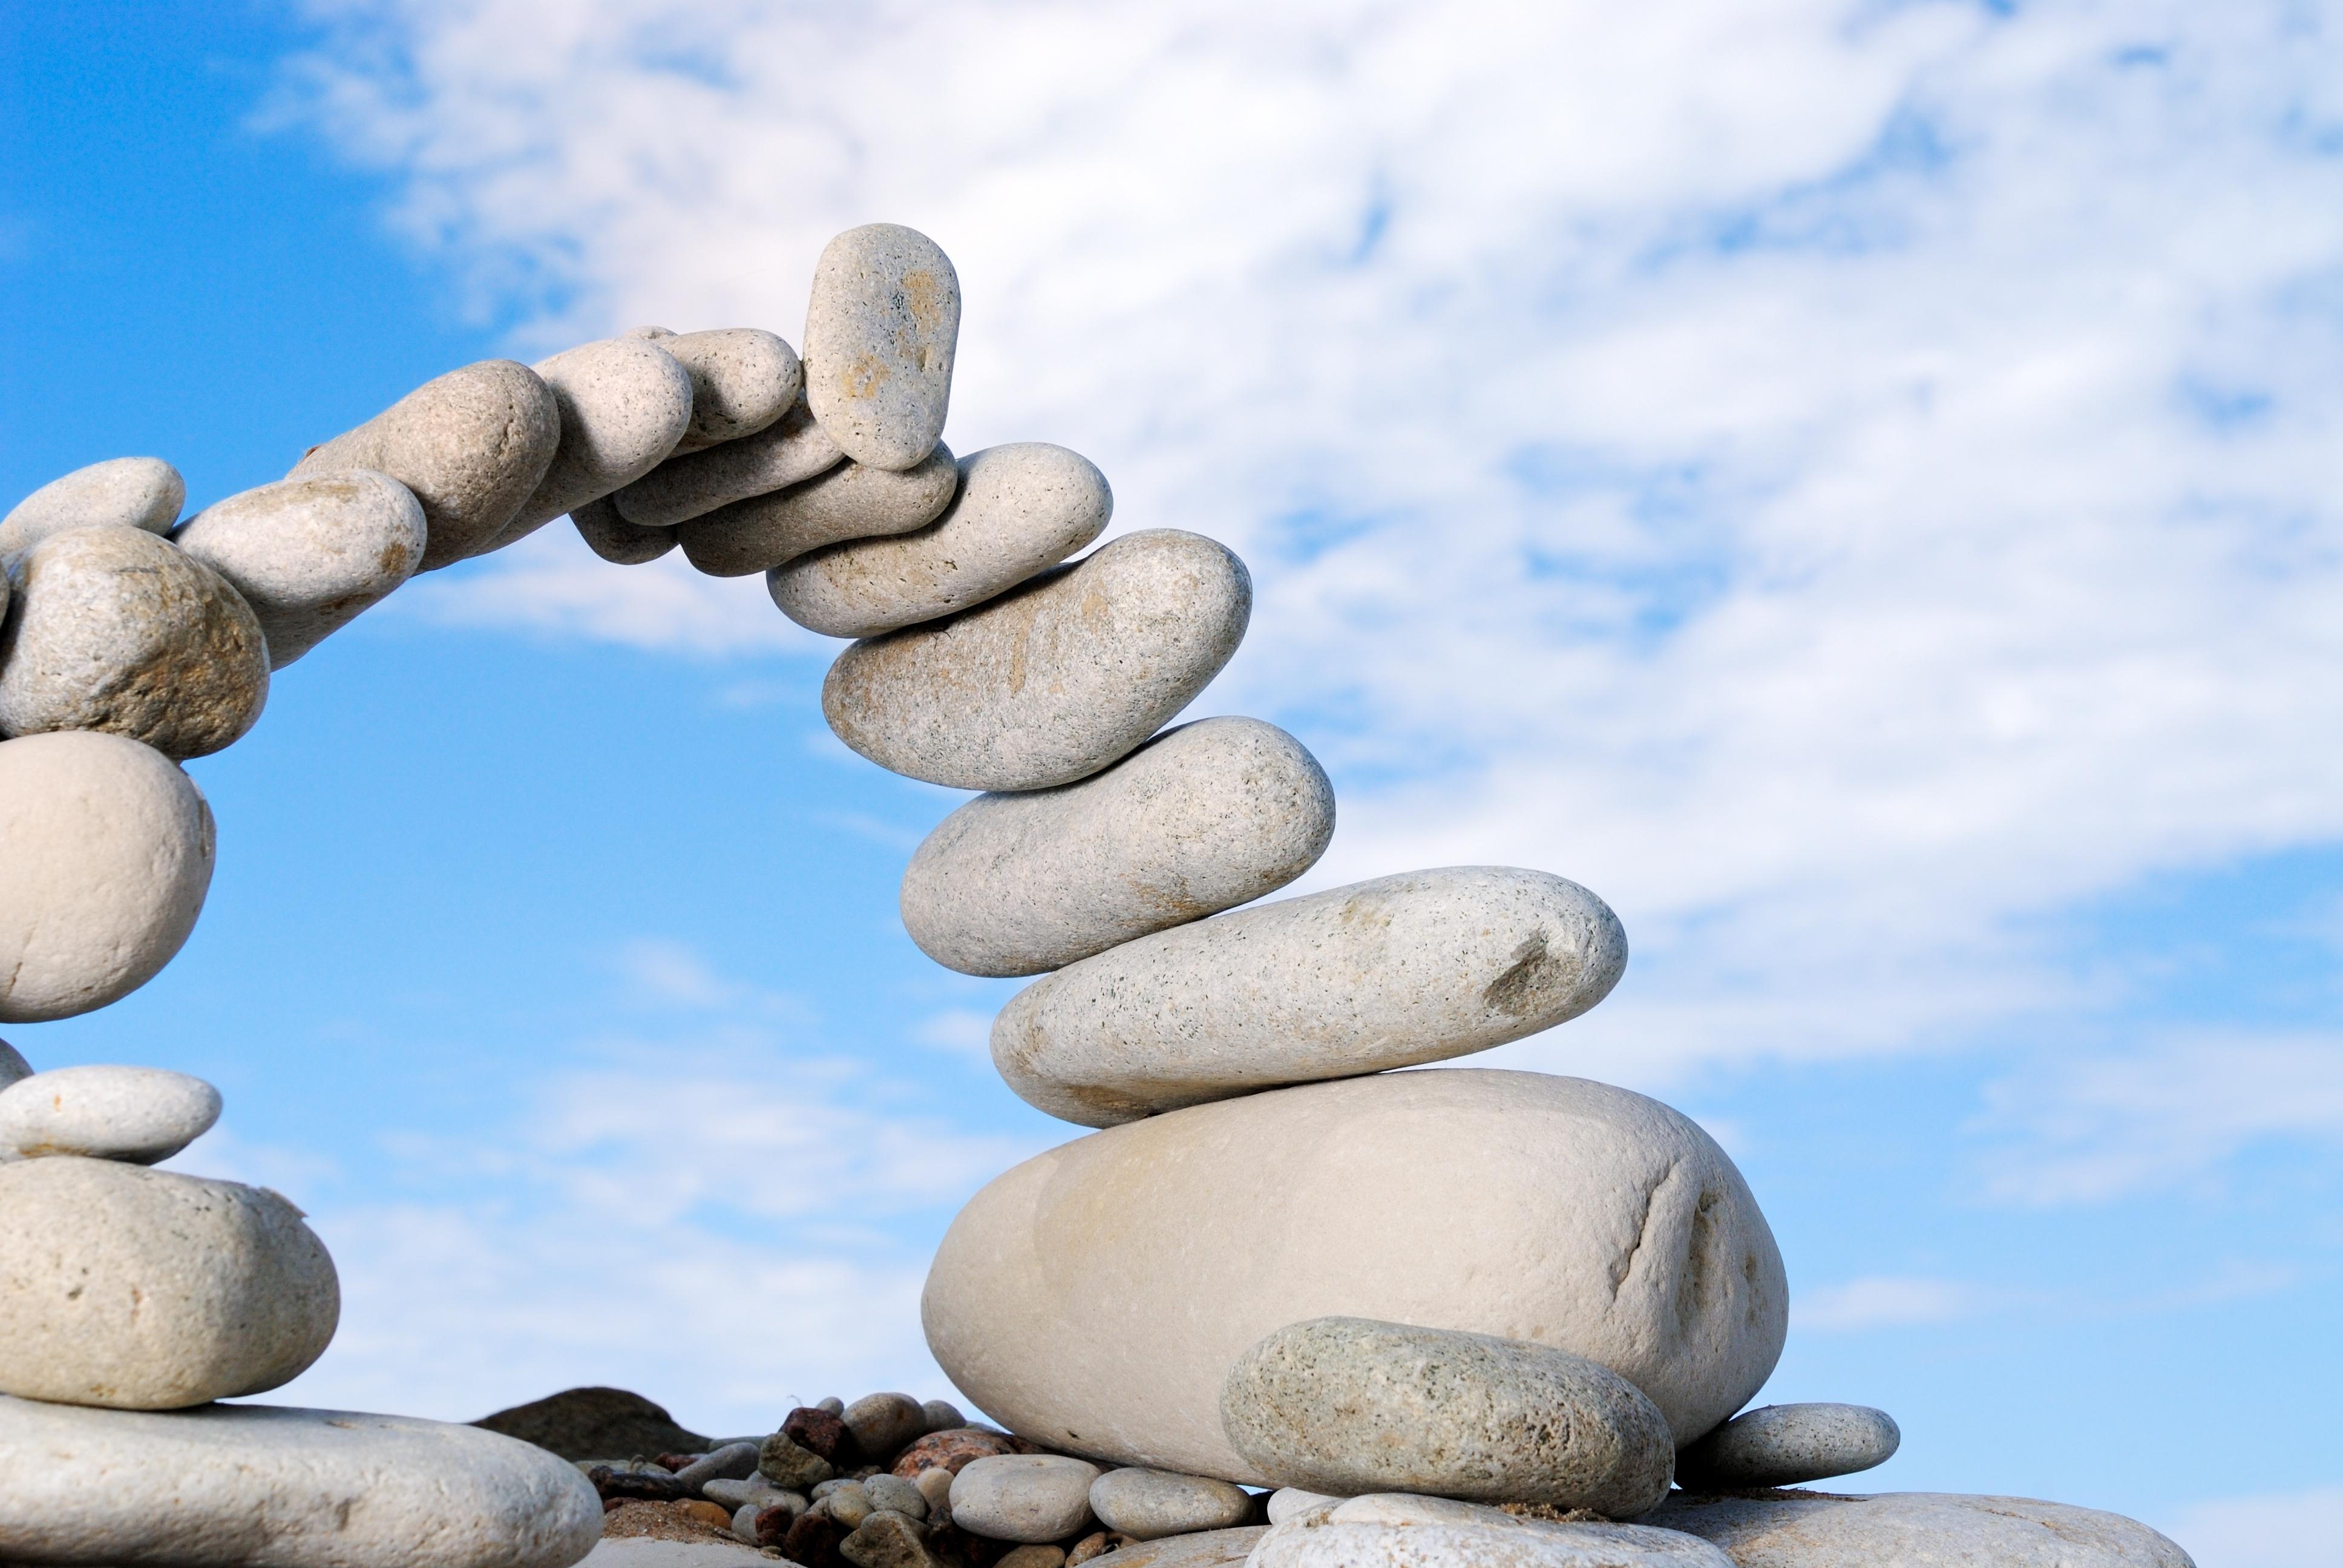 levenslessen, je lot, kwantumheling, vind evenwicht, balans in jezelf, onbeperkte mogelijkheden - kopie